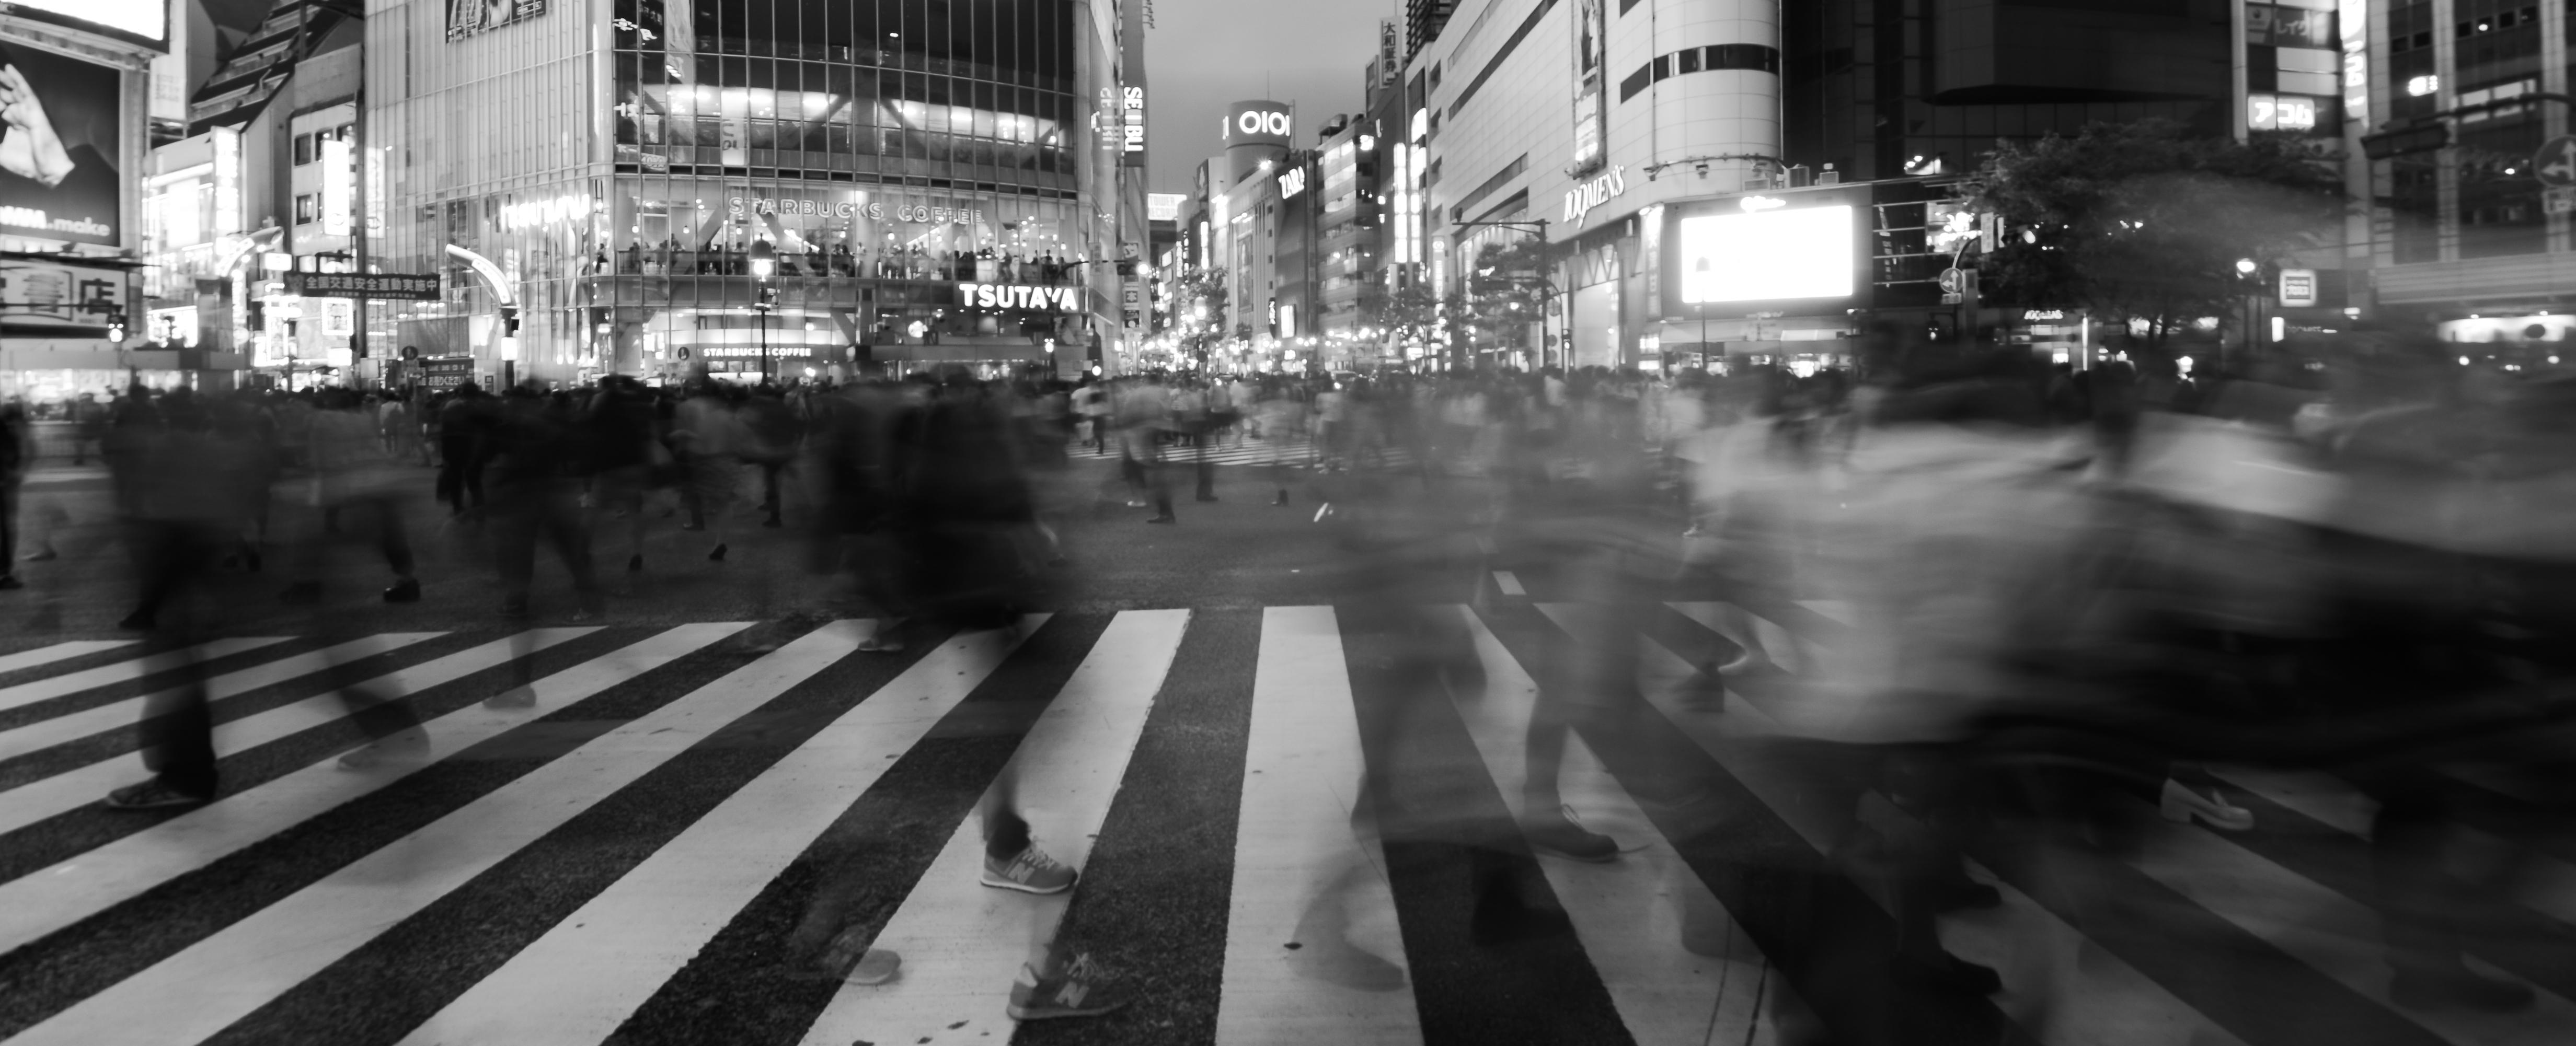 Shibuya ,Tokyo Japan